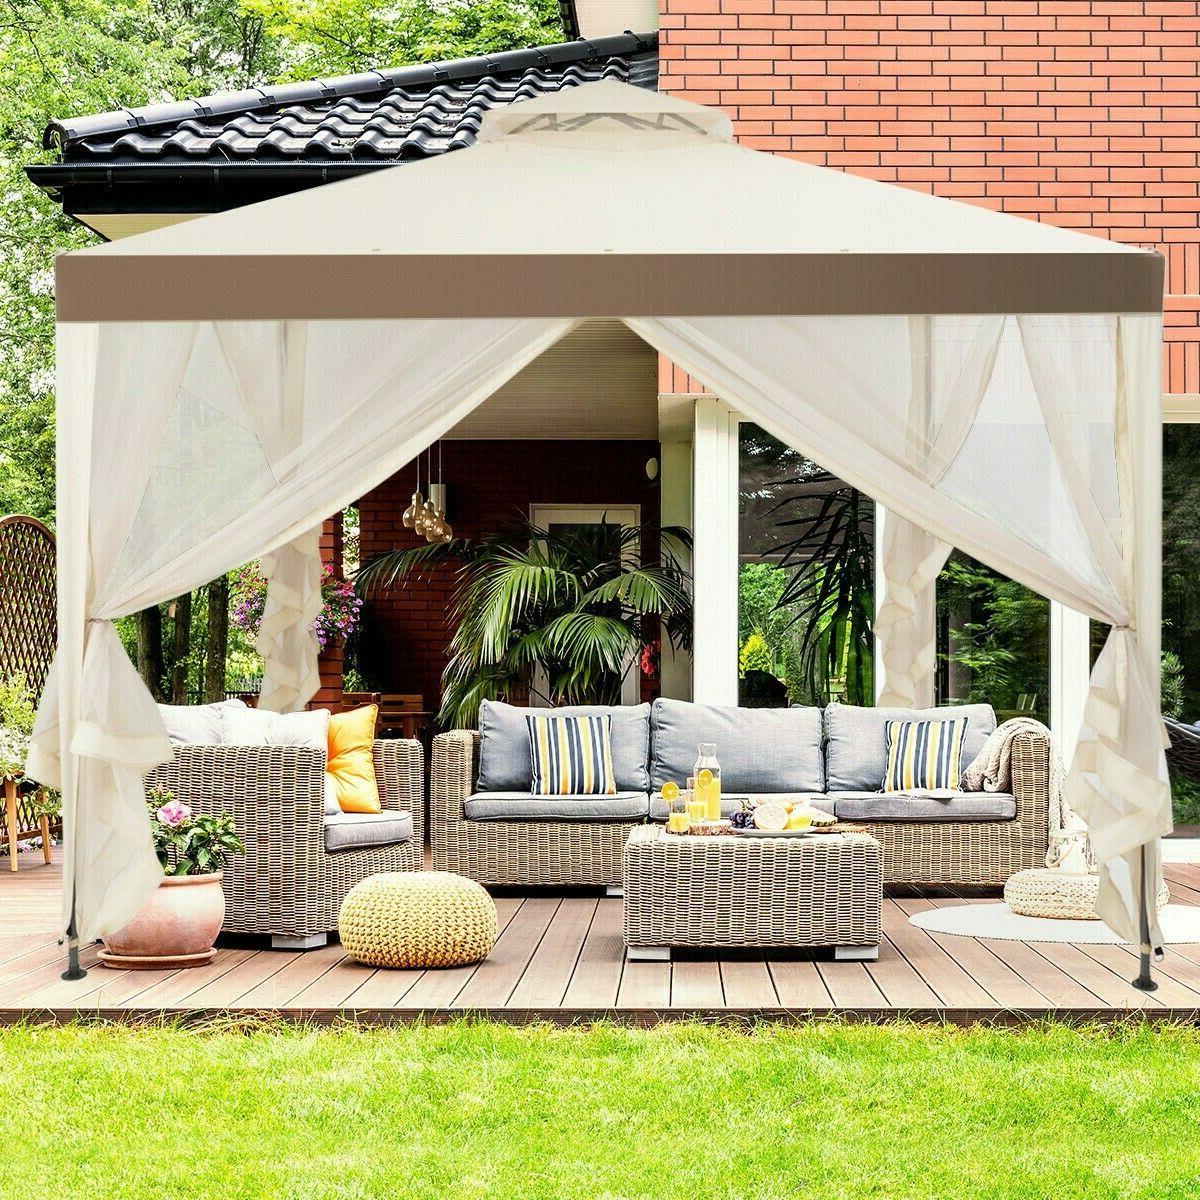 10' Gazebo Steel Frame Gazebo Beige Lawn Tent